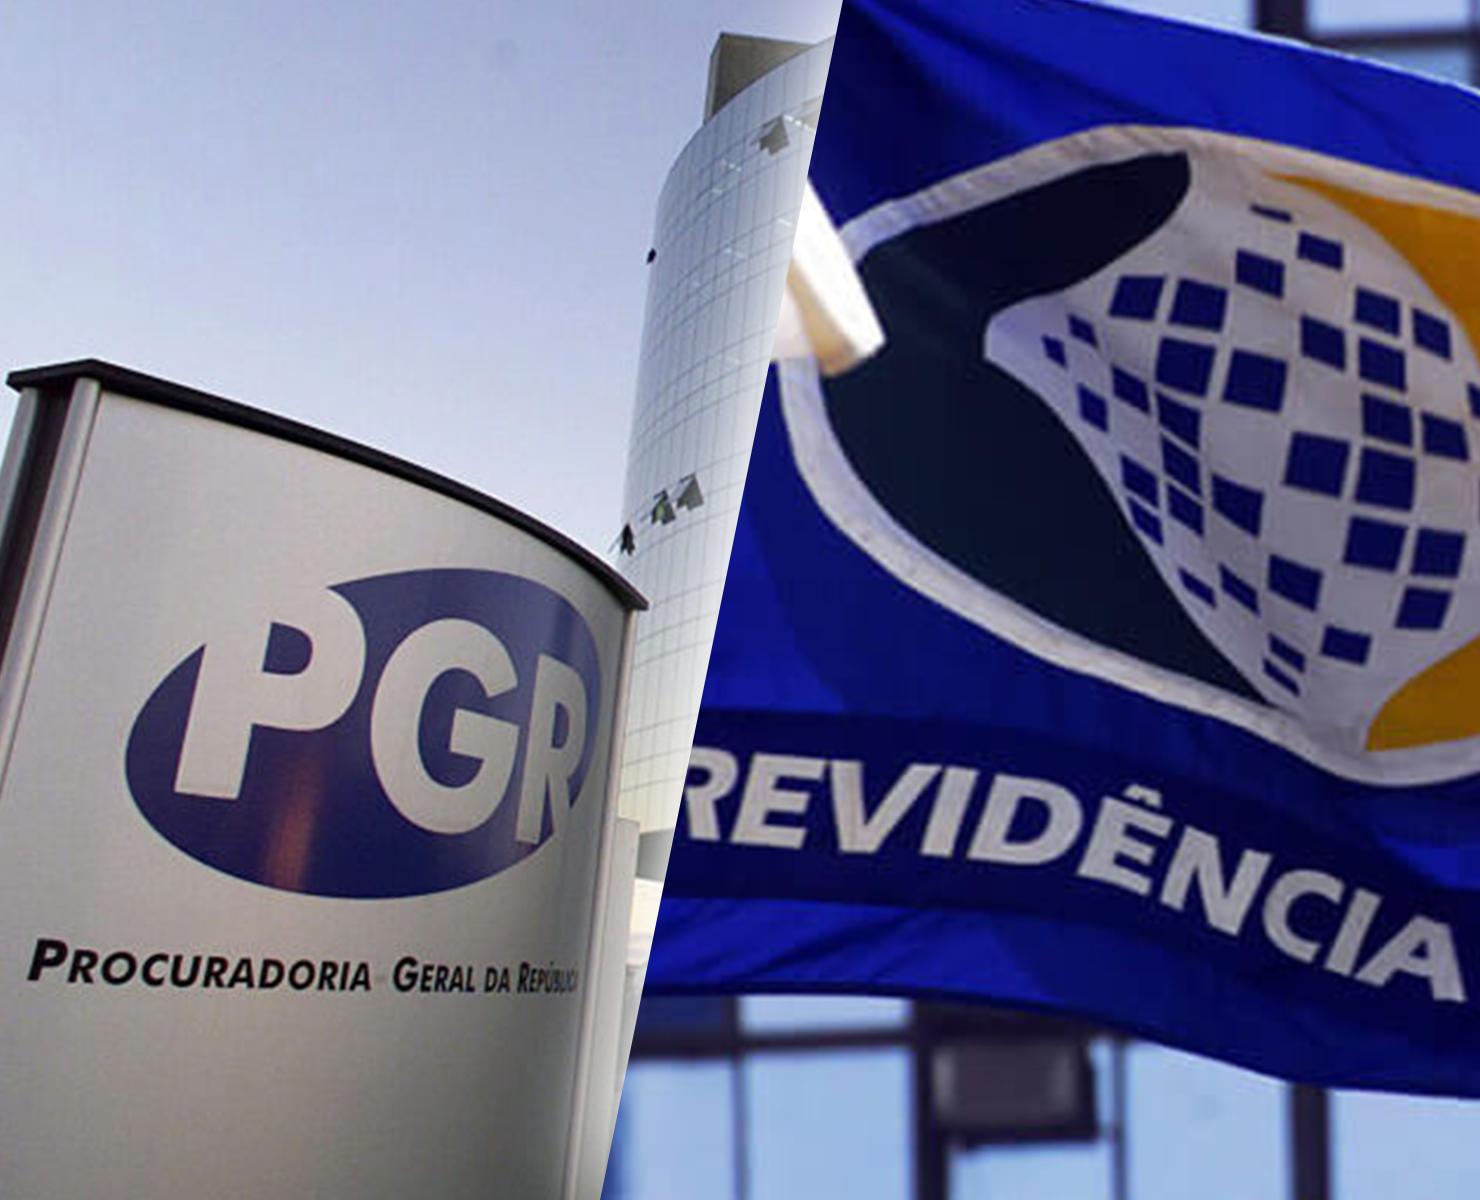 INSS: PROCURADORIA GERAL DA REPÚBLICA DEFENDE QUE PENTE-FINO É INCONSTITUCIONAL